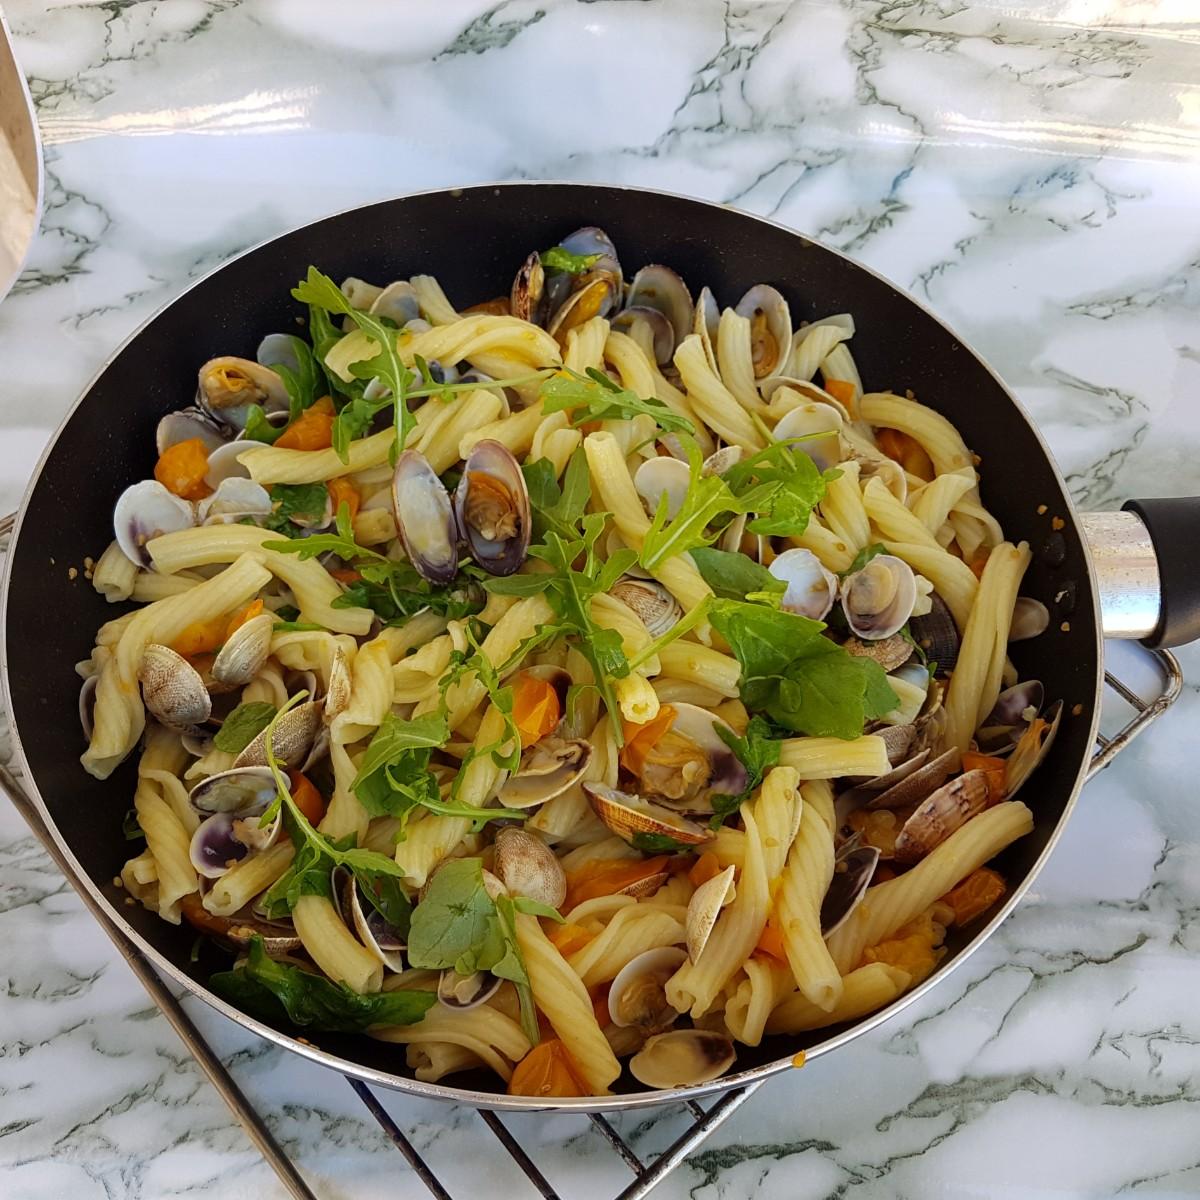 TORCHIETTI DI MARE CON RUCOLA ricetta pasta con pesce